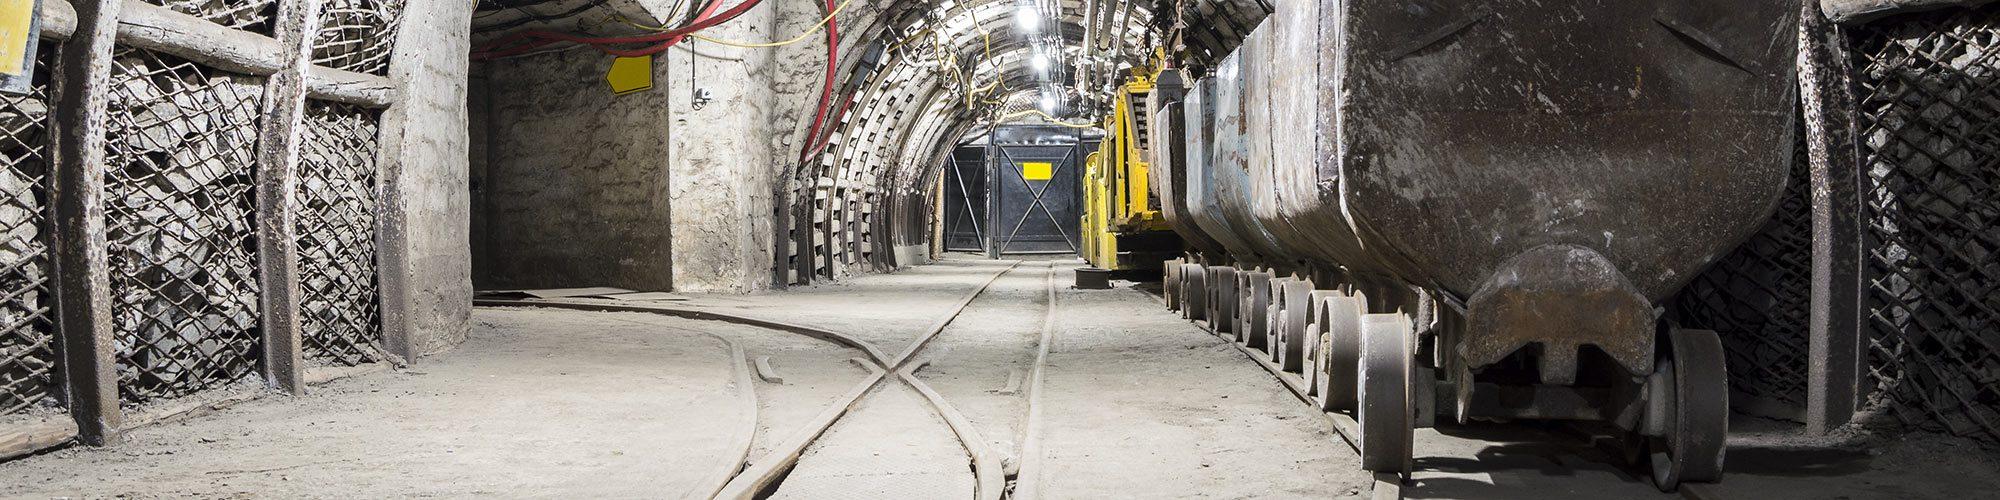 Ondergrondse mijnbouw